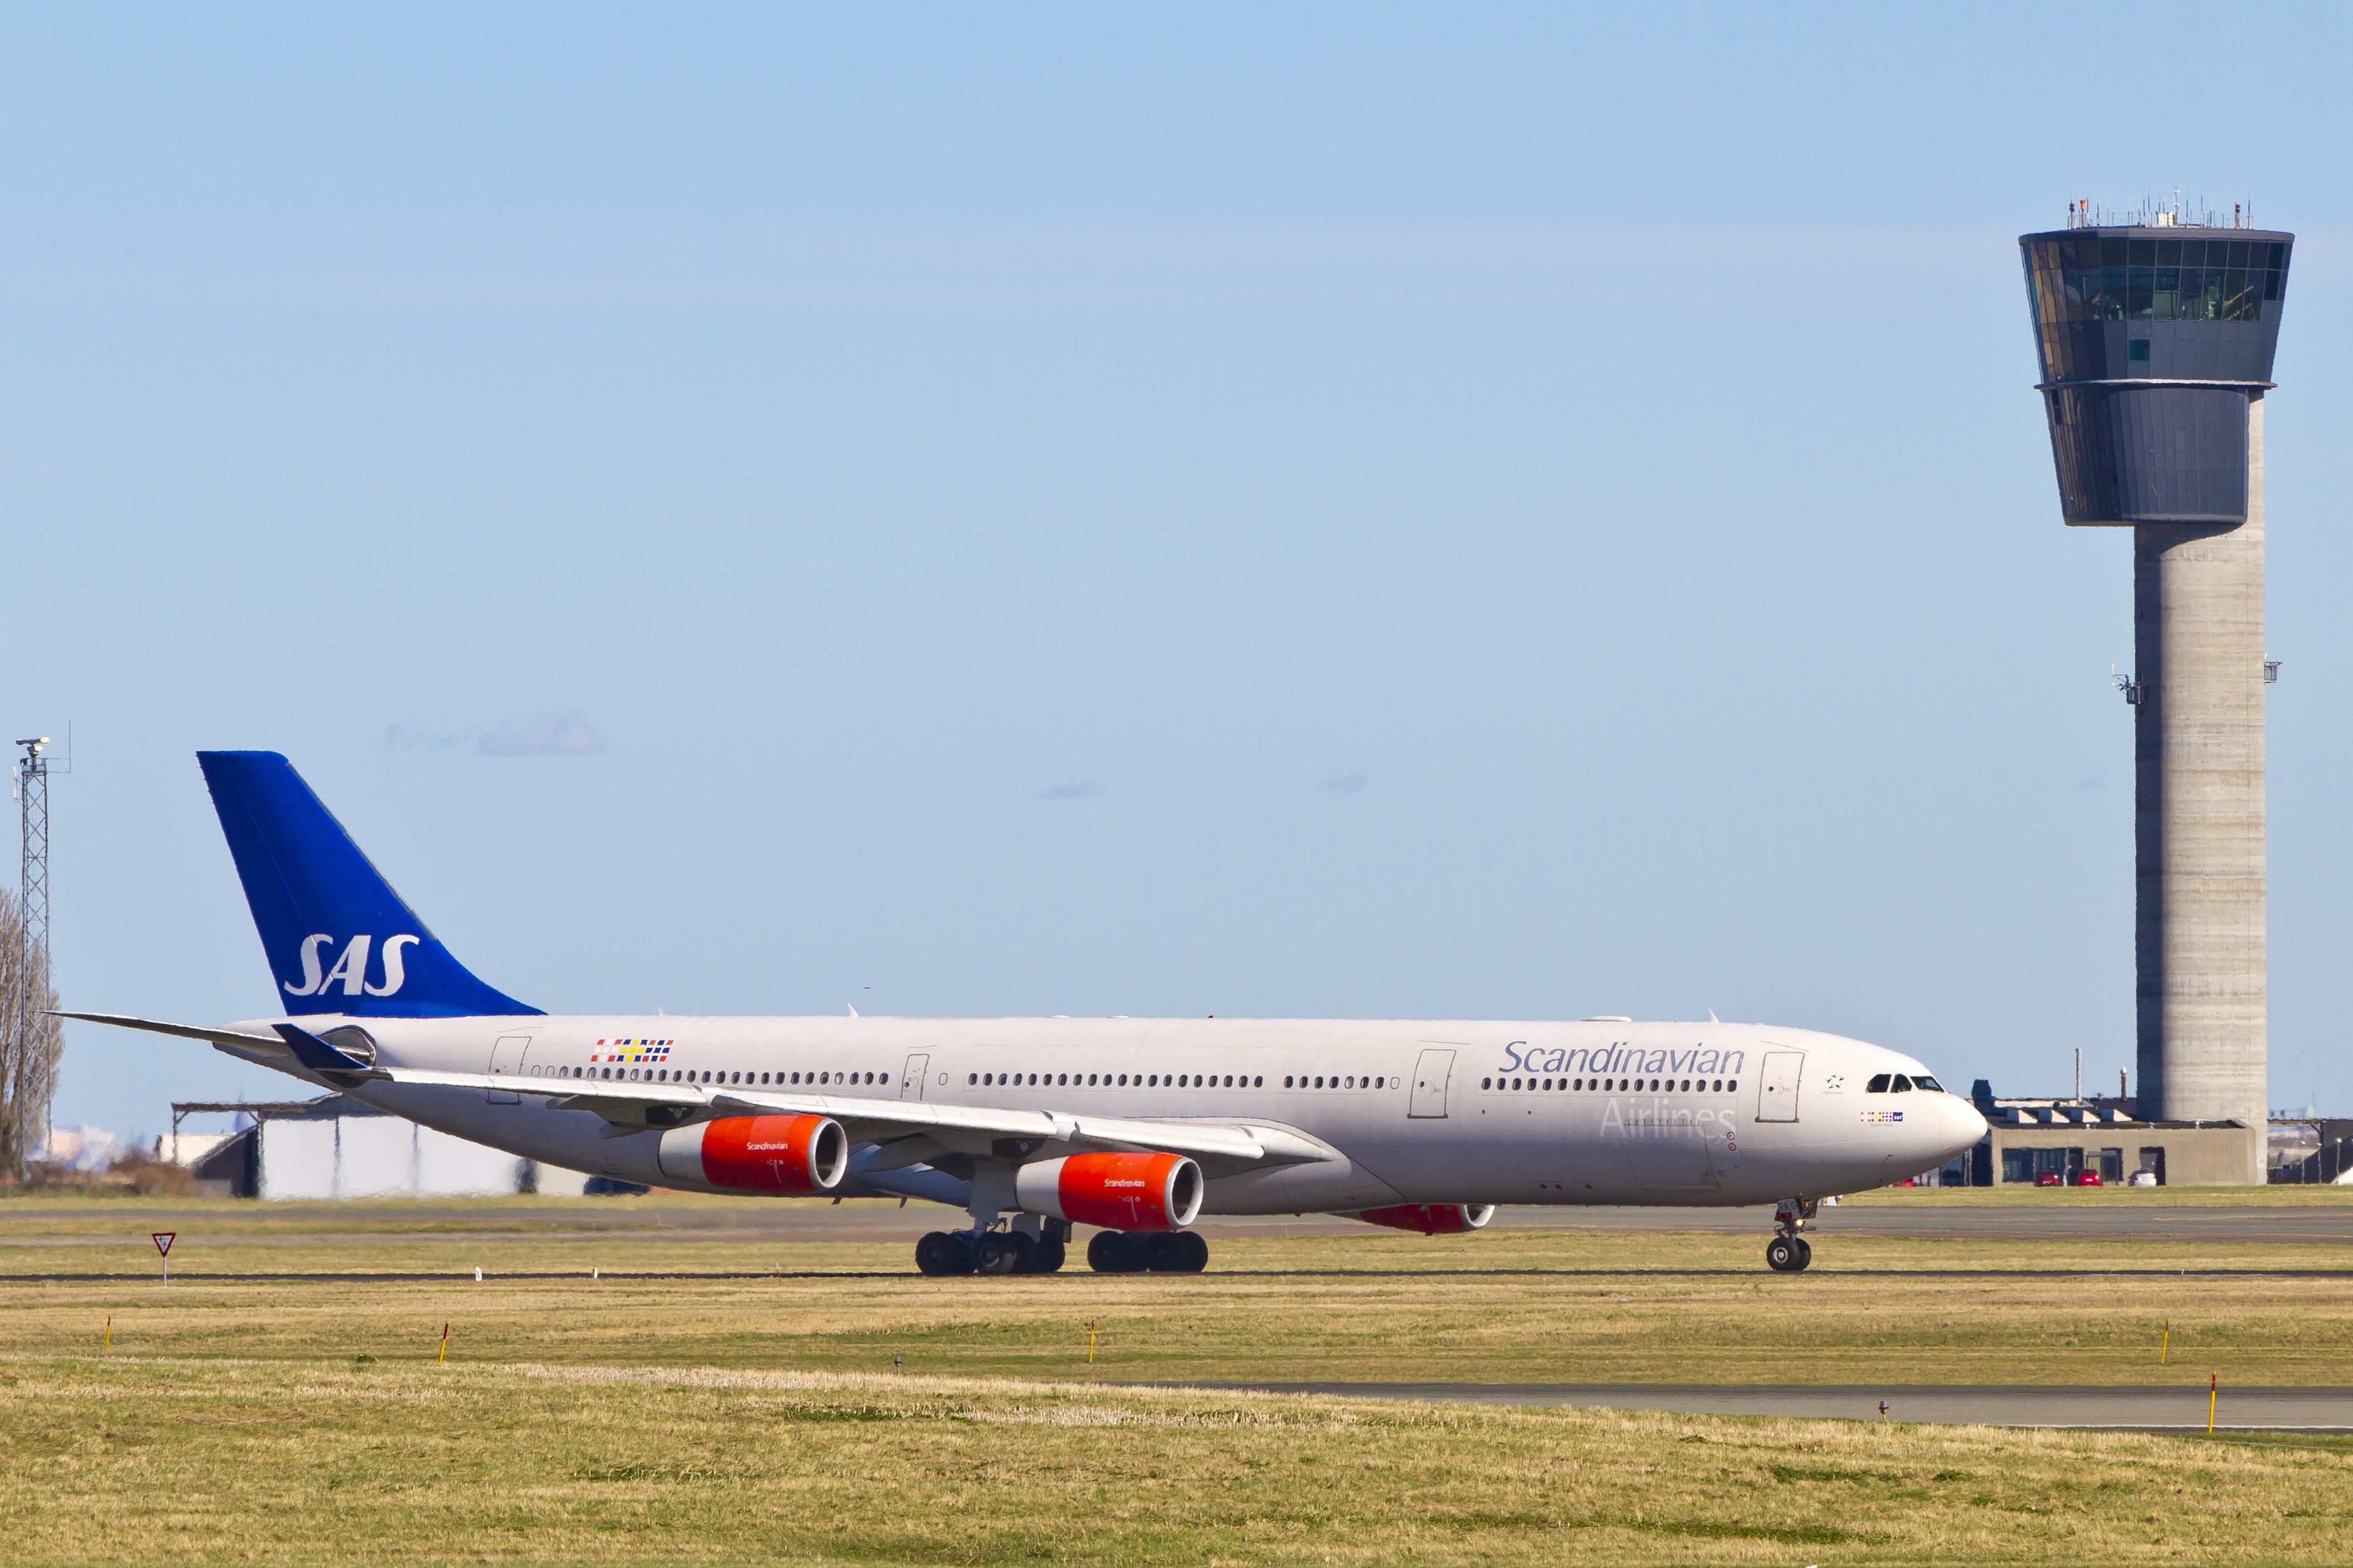 Airbus A340-300 fra SAS i Københavns Lufthavn. (Arkivfoto: © Thorbjørn Brunander Sund, Danish Aviation Photo)